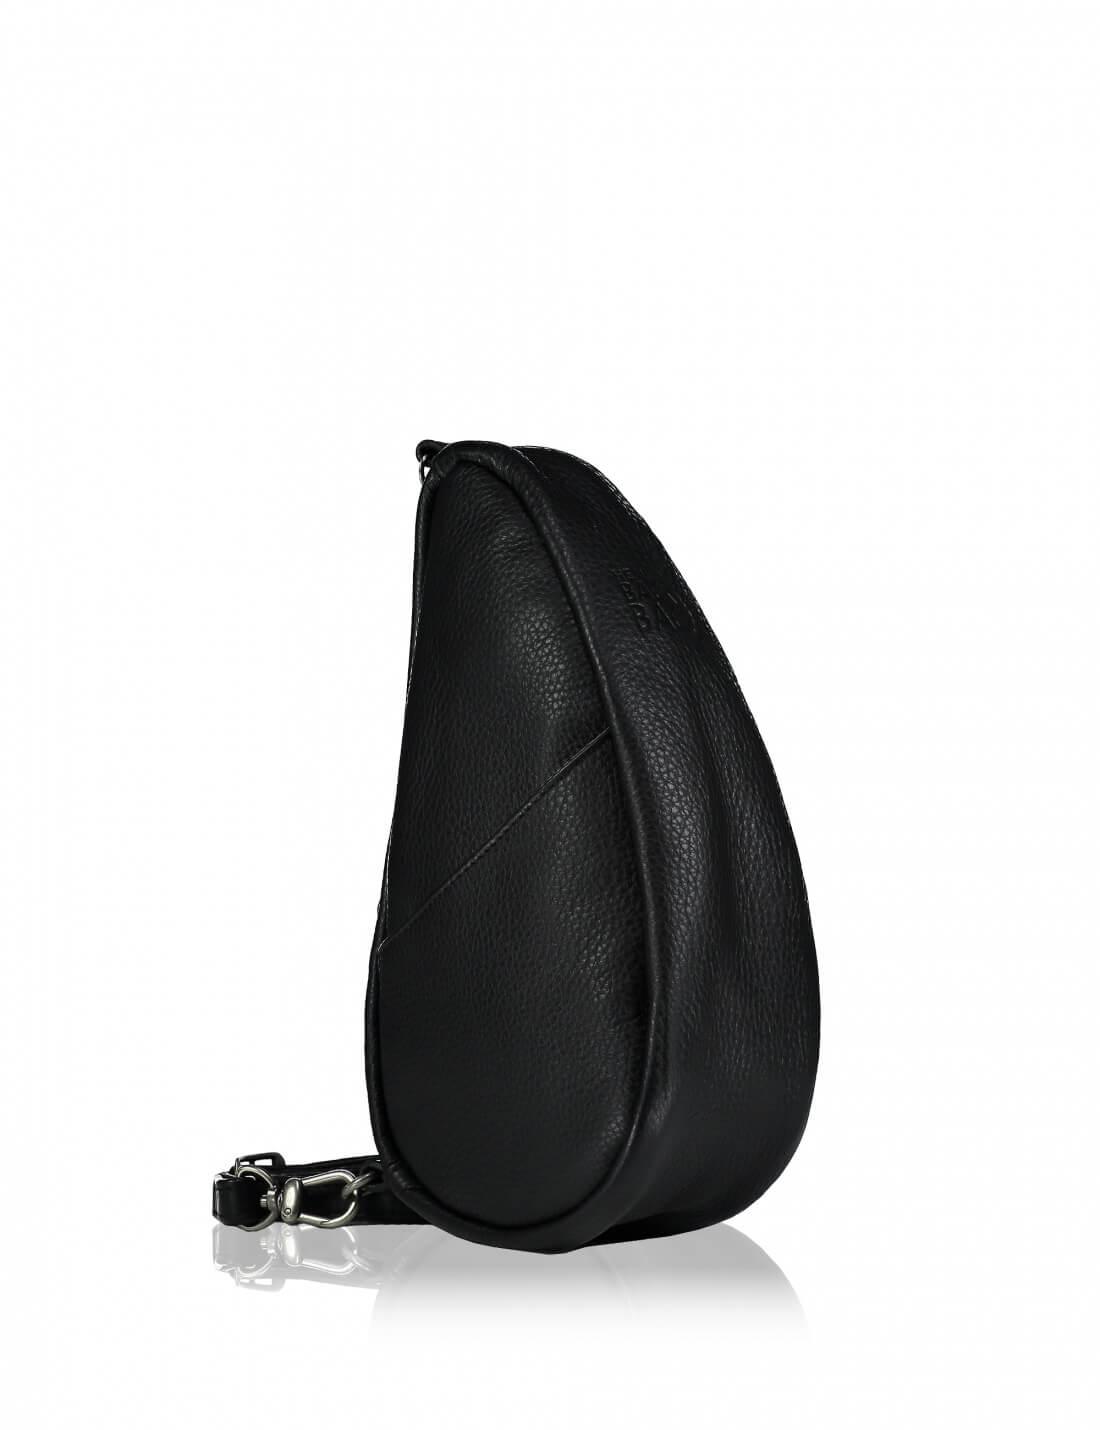 2ce5ffcc66 Healthy Back Bag Leather Black Large Baglett online kopen